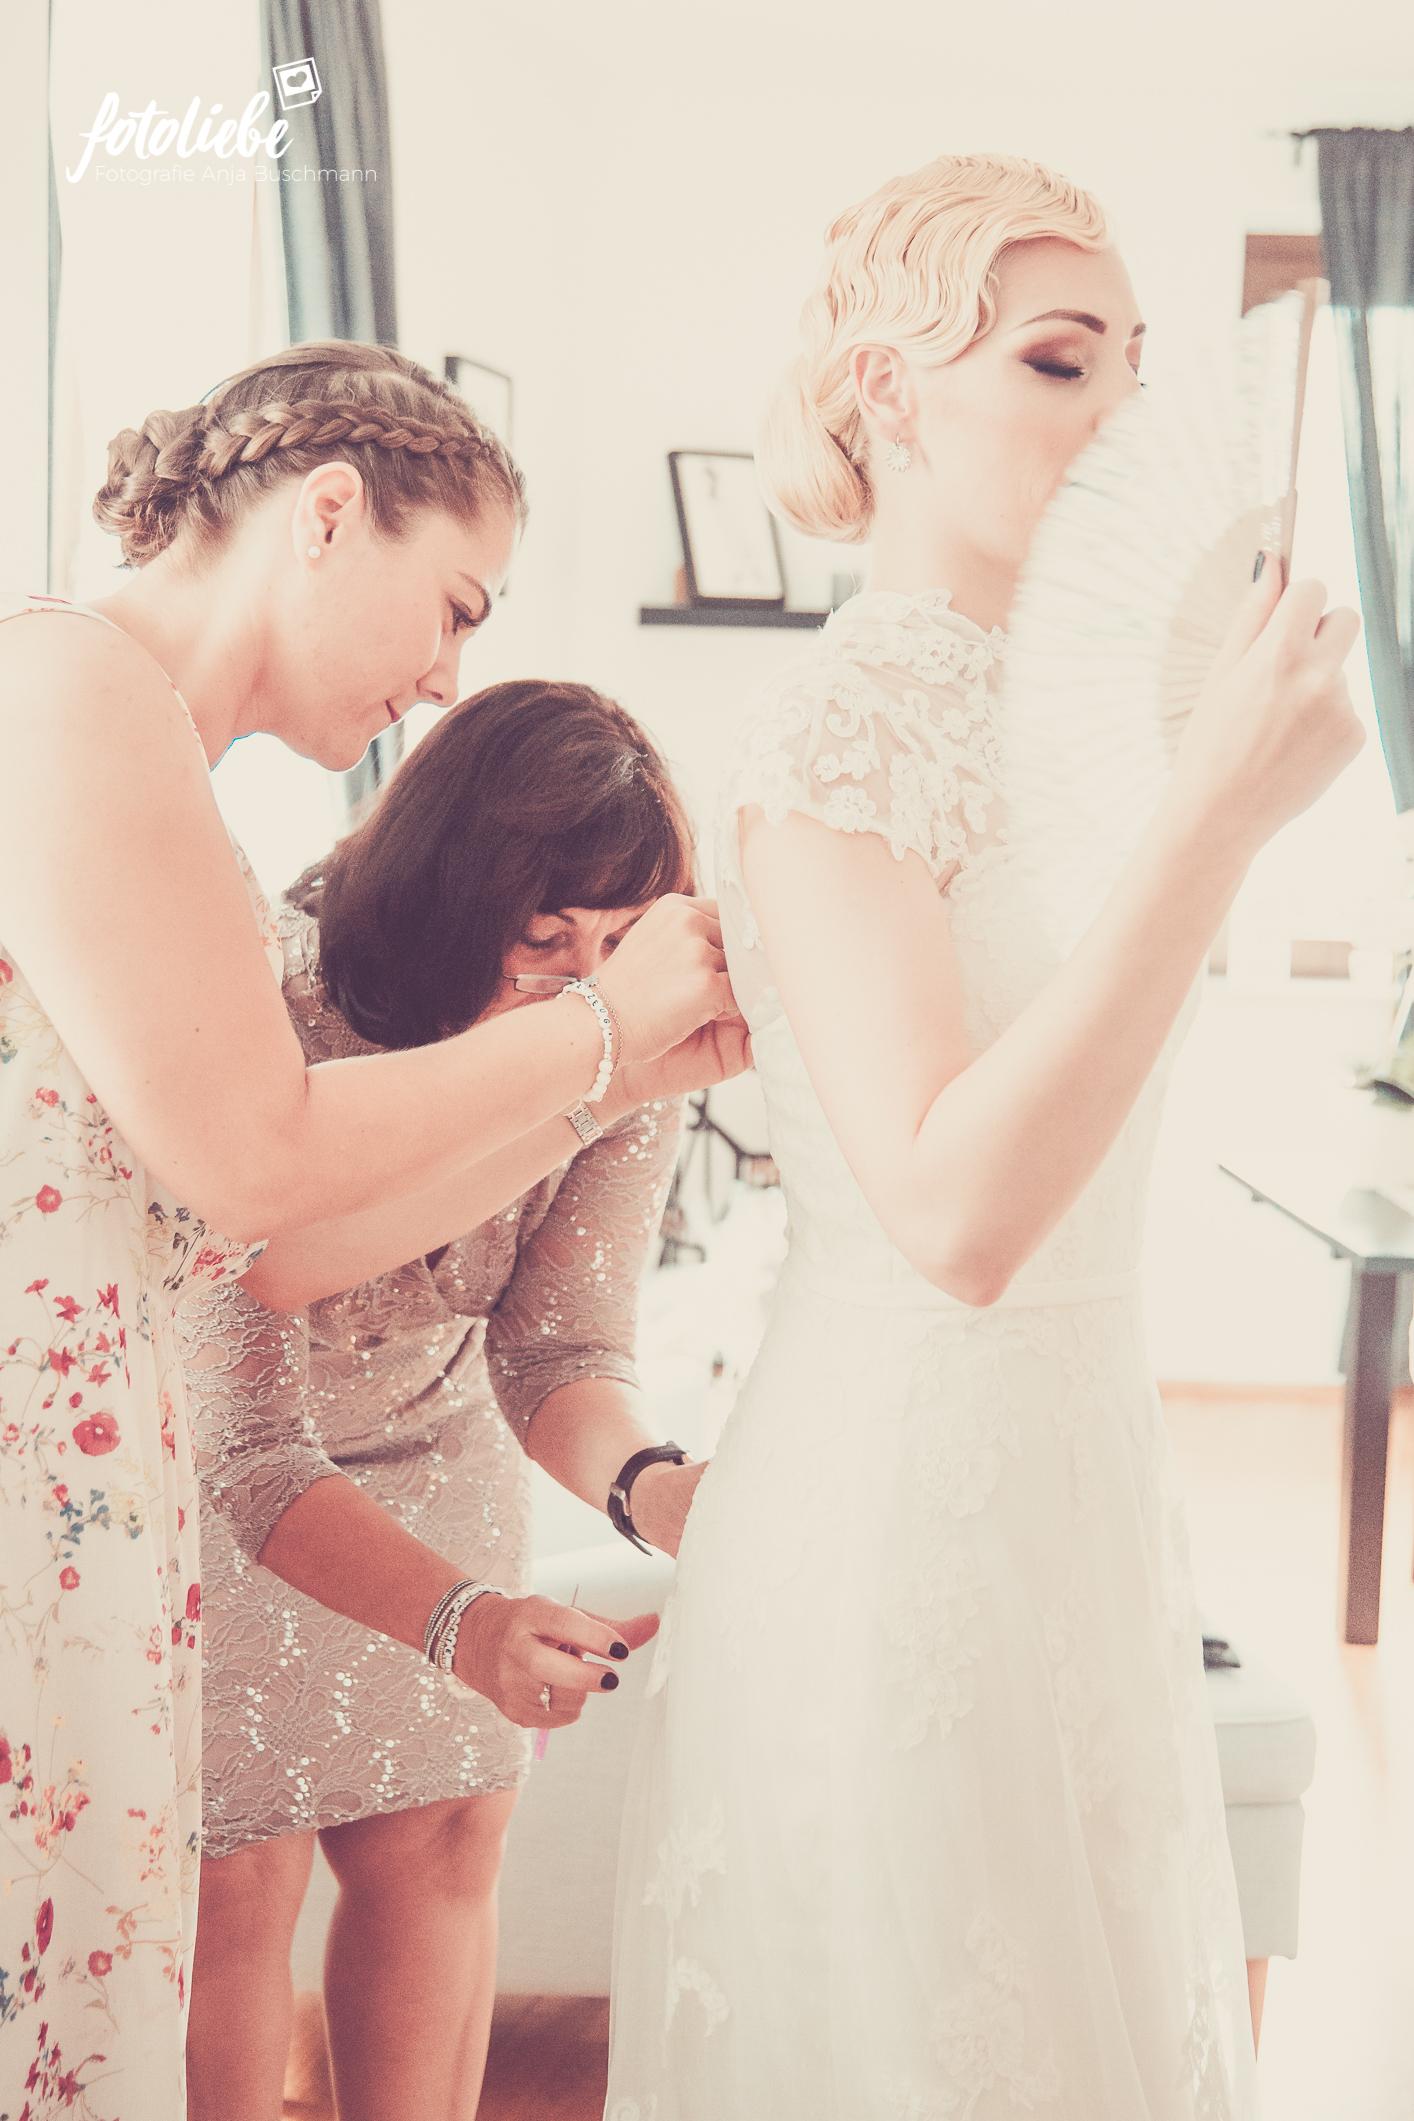 Fotoliebe-Hochzeit-Ratingen-Brautstyling-MikaTobi_025